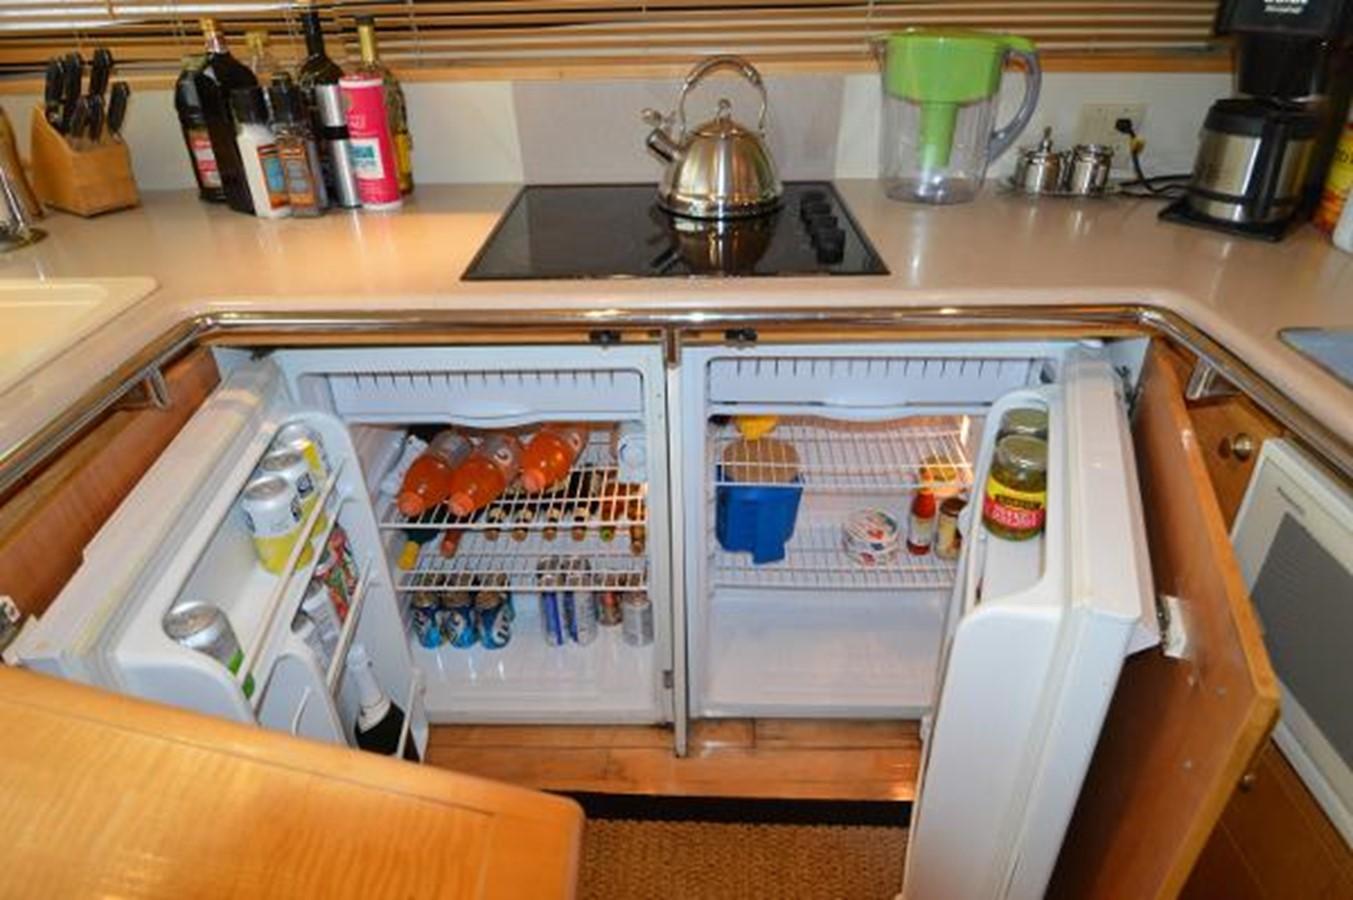 55' Neptunus - Under Counter Refrigerator/ Freezer - 55 NEPTUNUS For Sale